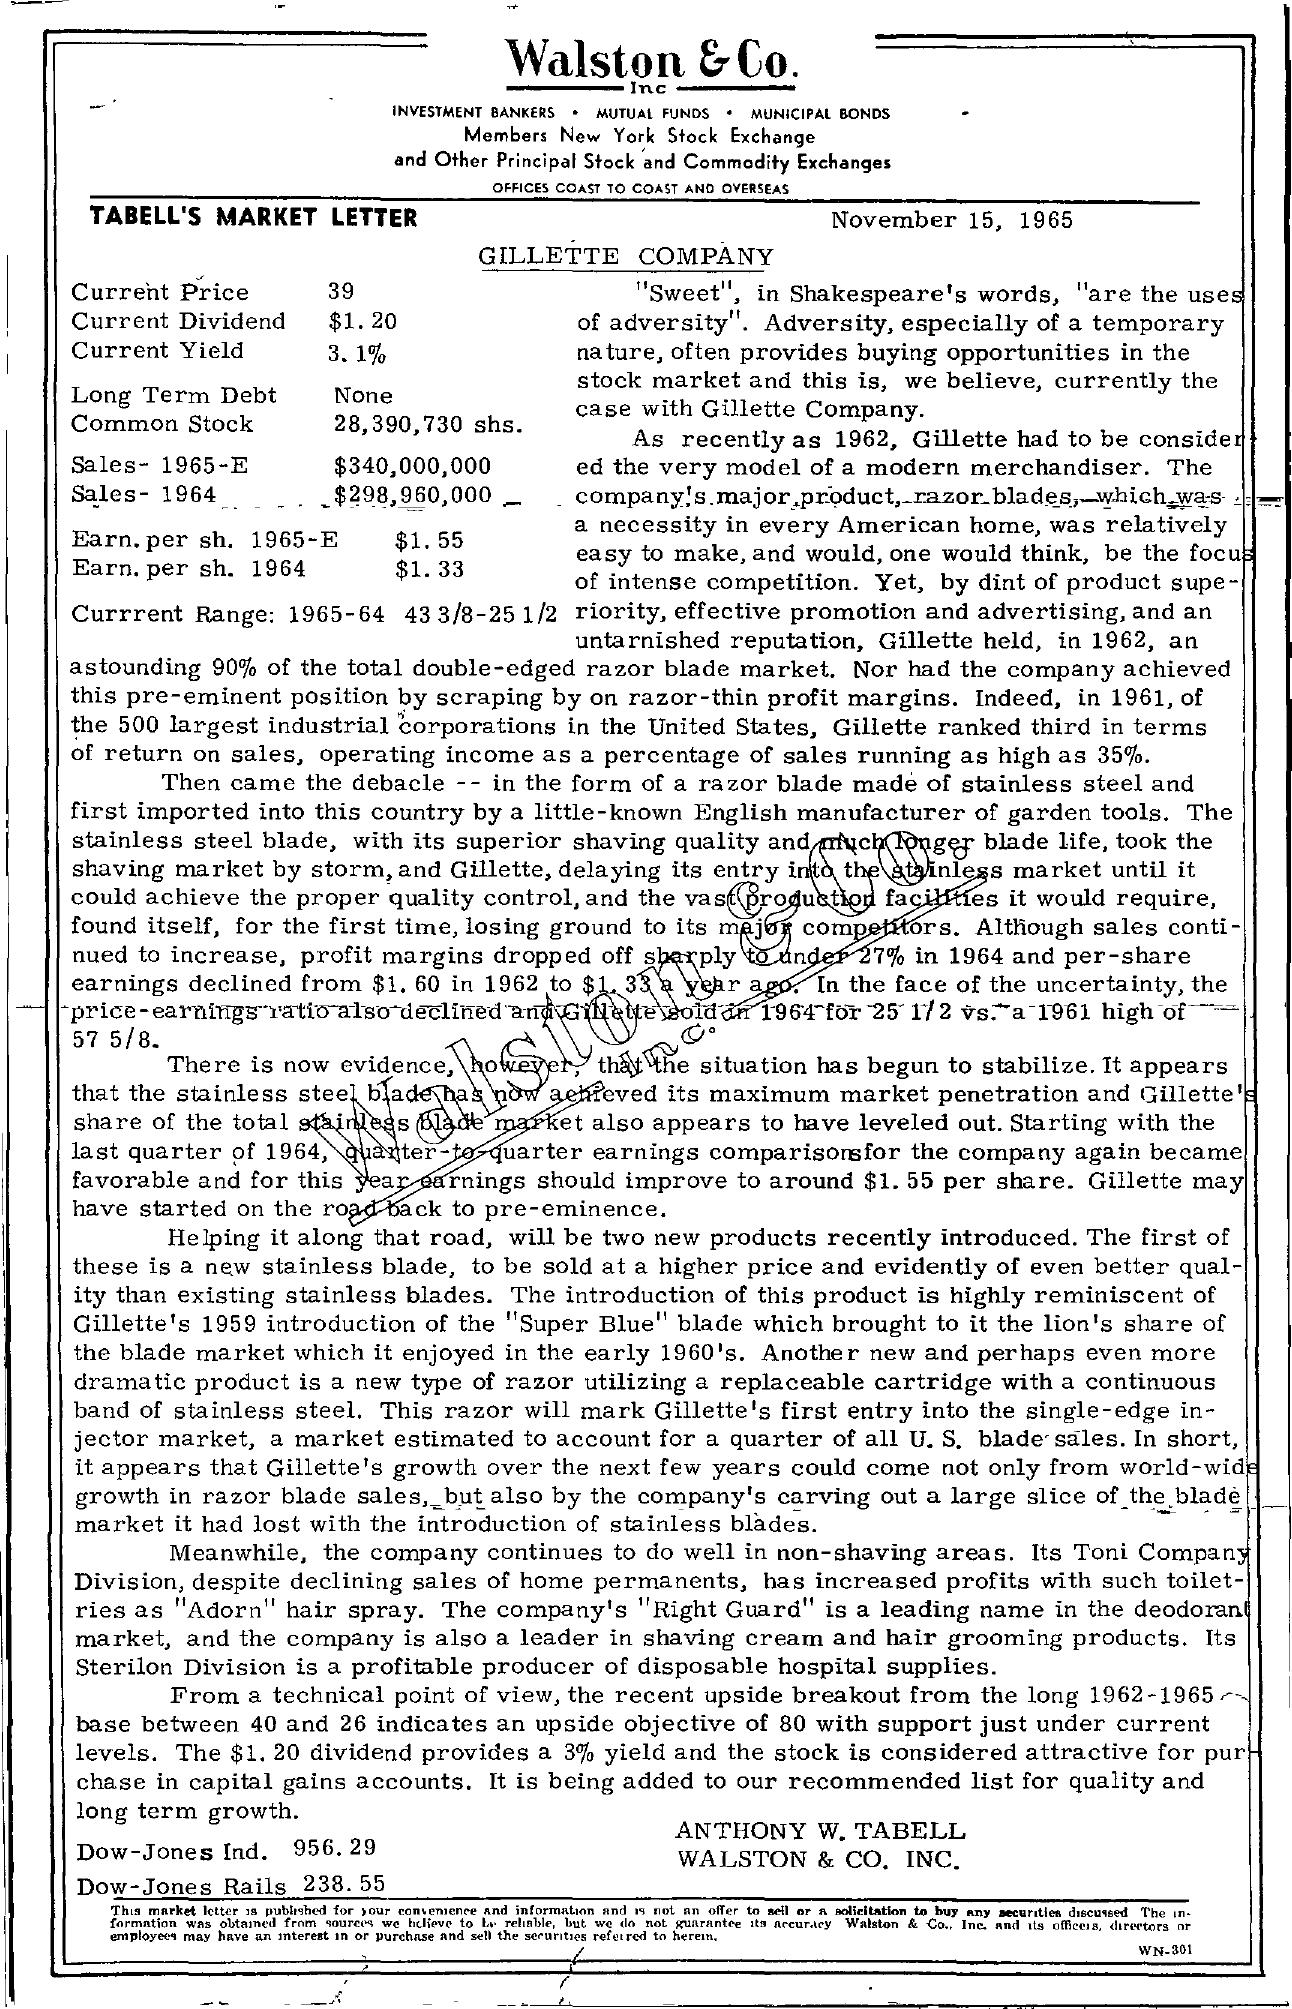 Tabell's Market Letter - November 15, 1965